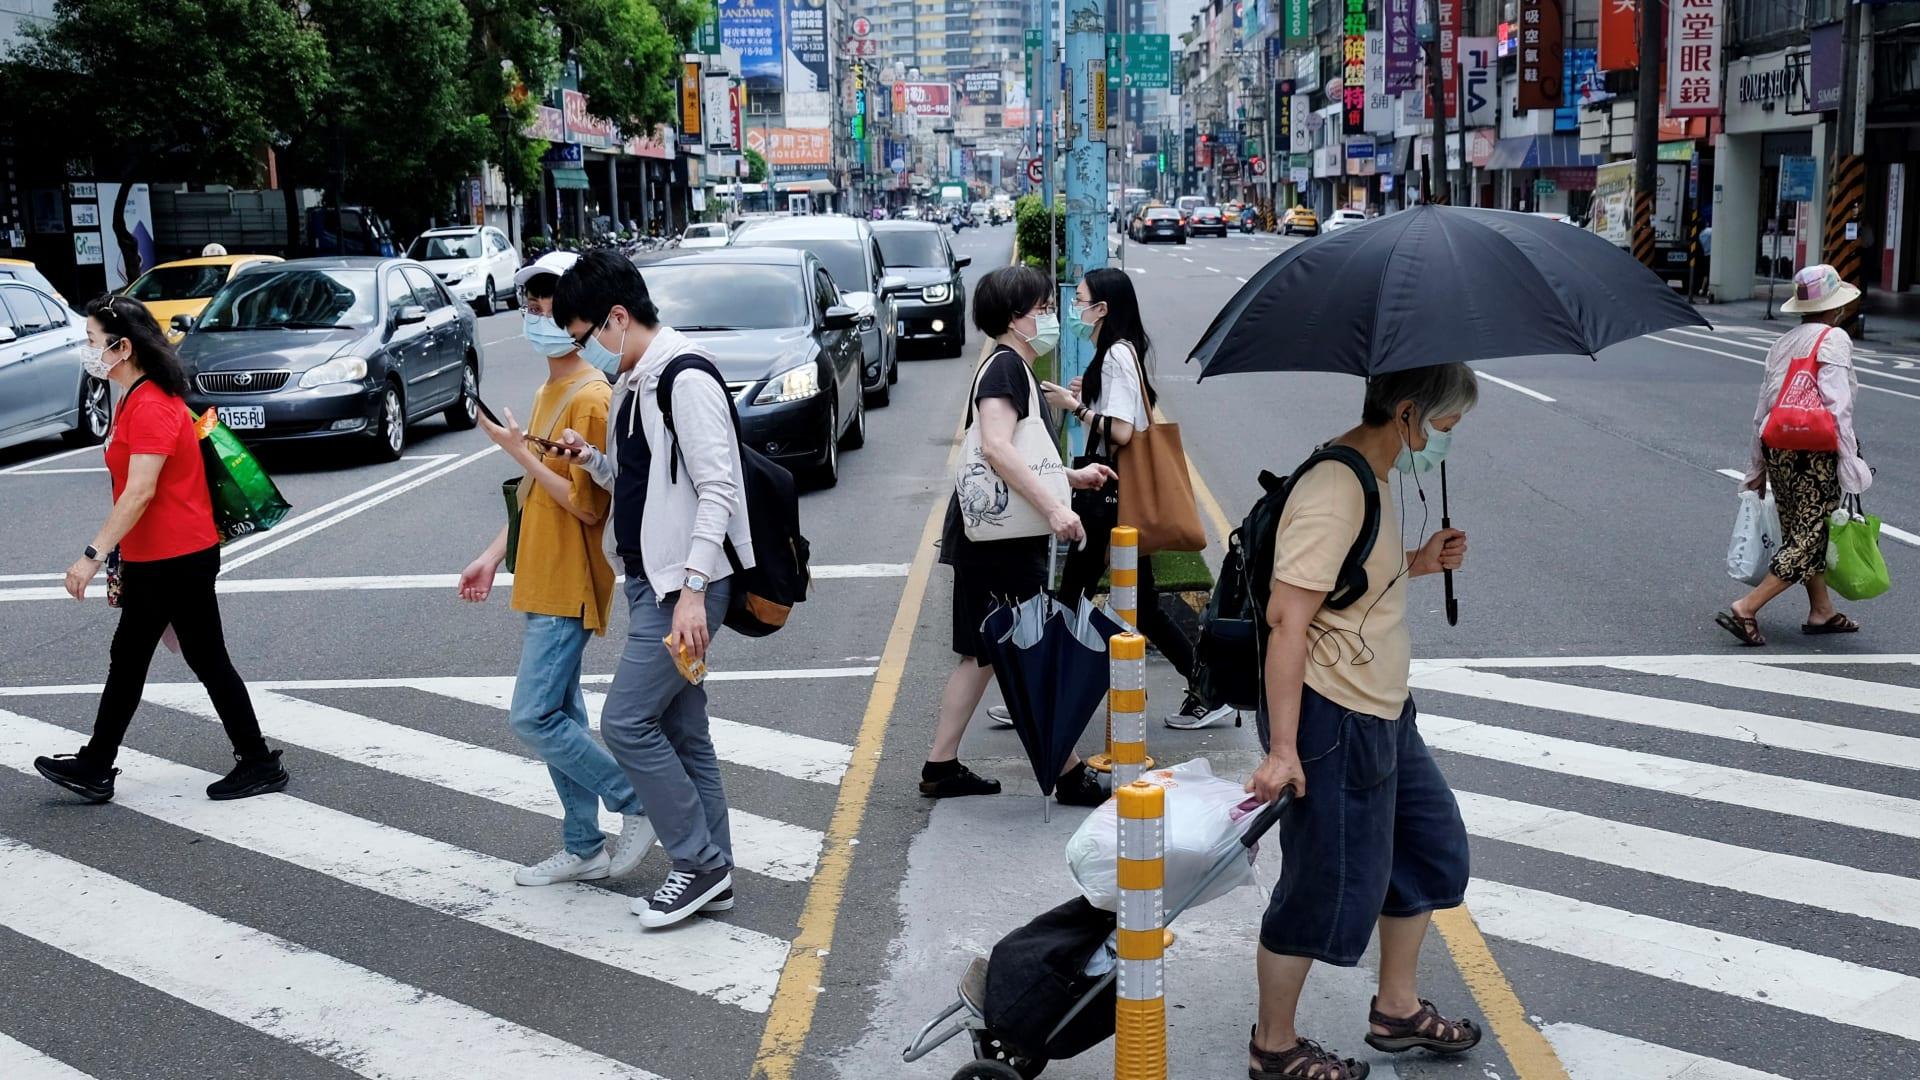 تايوان تسجل أعلى نسبة إصابات منذ بدء وباء فيروس كورونا بـ 207 حالة إصابة جديدة